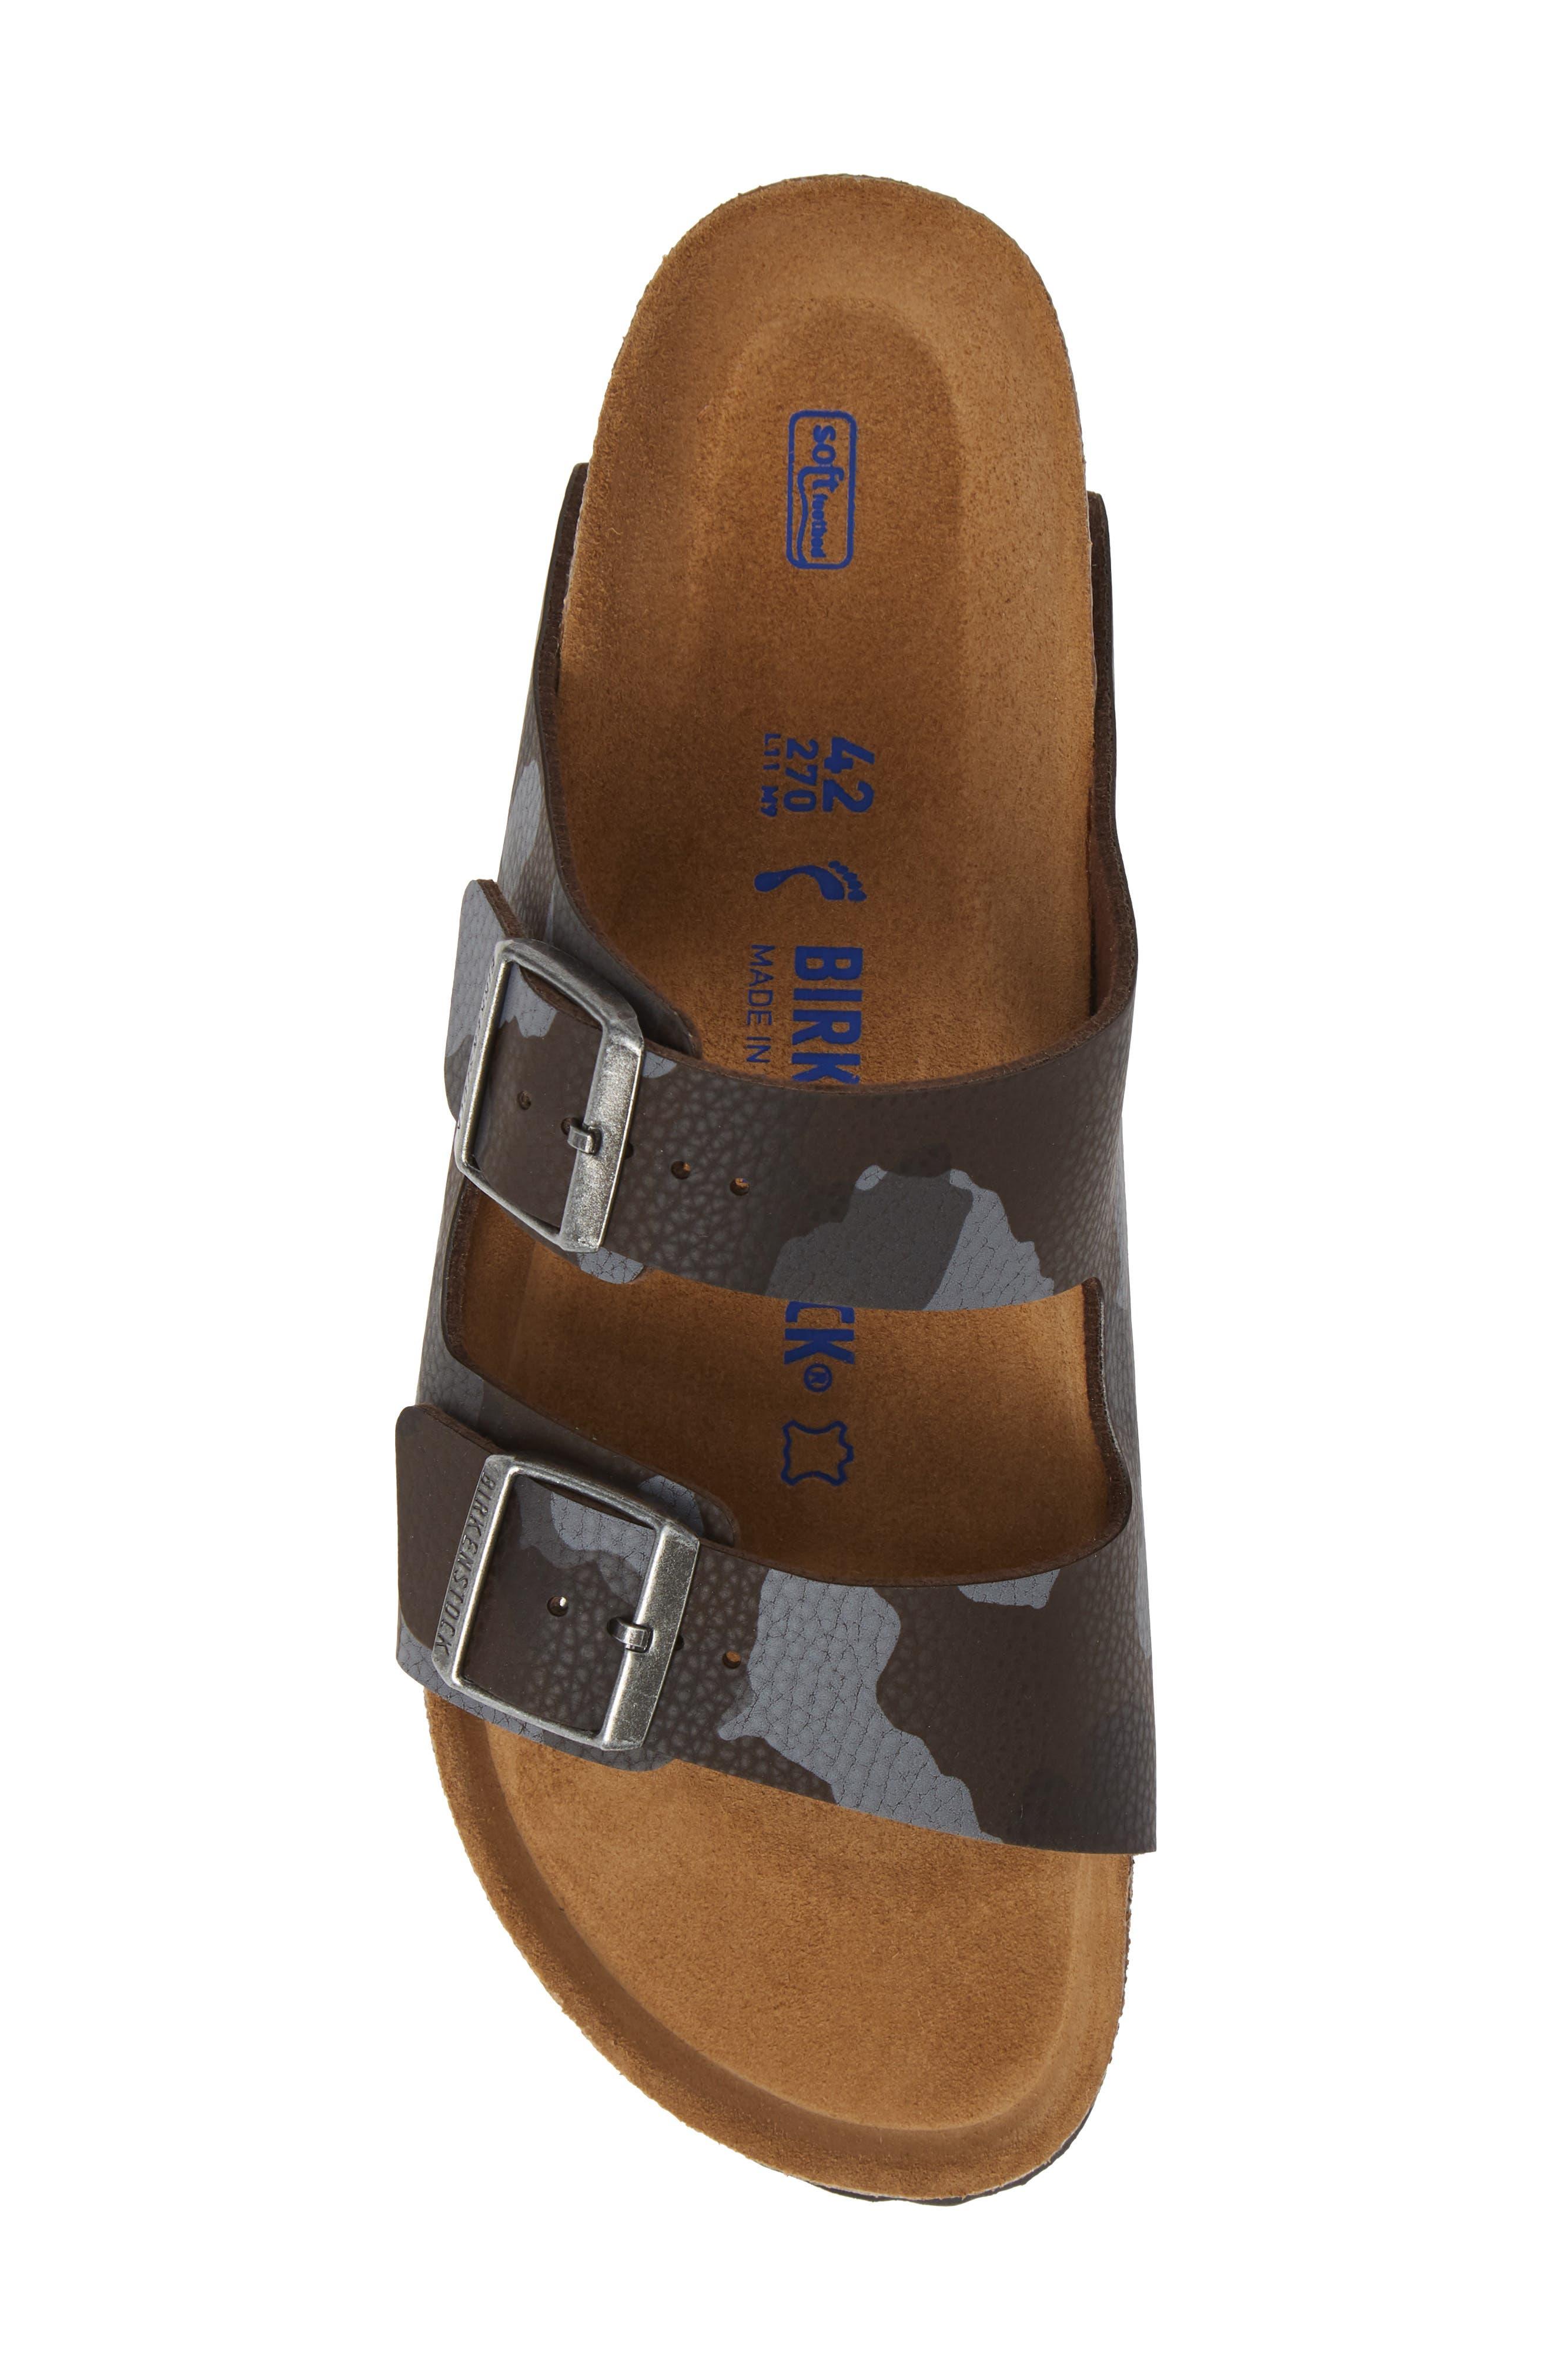 Arizona Soft Slide Sandal,                             Alternate thumbnail 5, color,                             DESERT SOIL CAMO BROWN